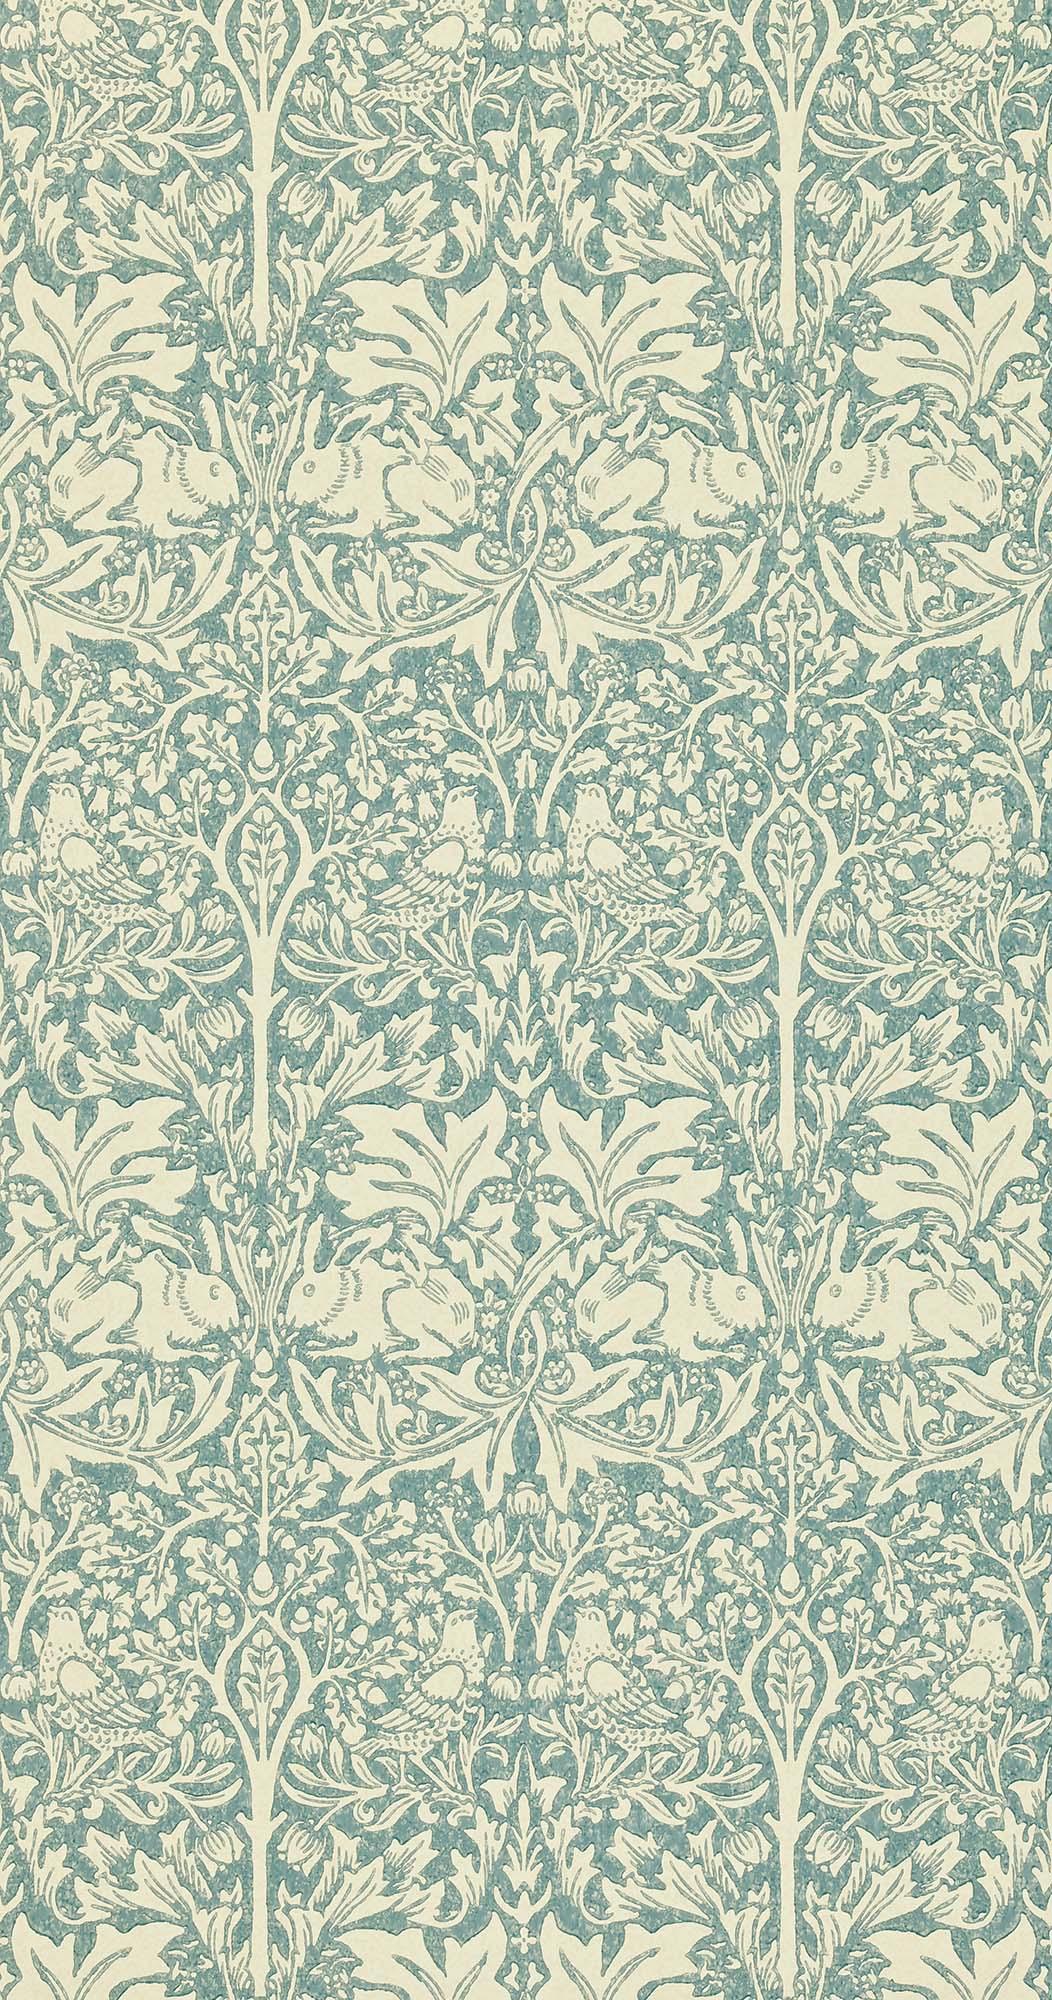 ウィリアムモリス壁紙 Brer Rabbit DMORBR-103